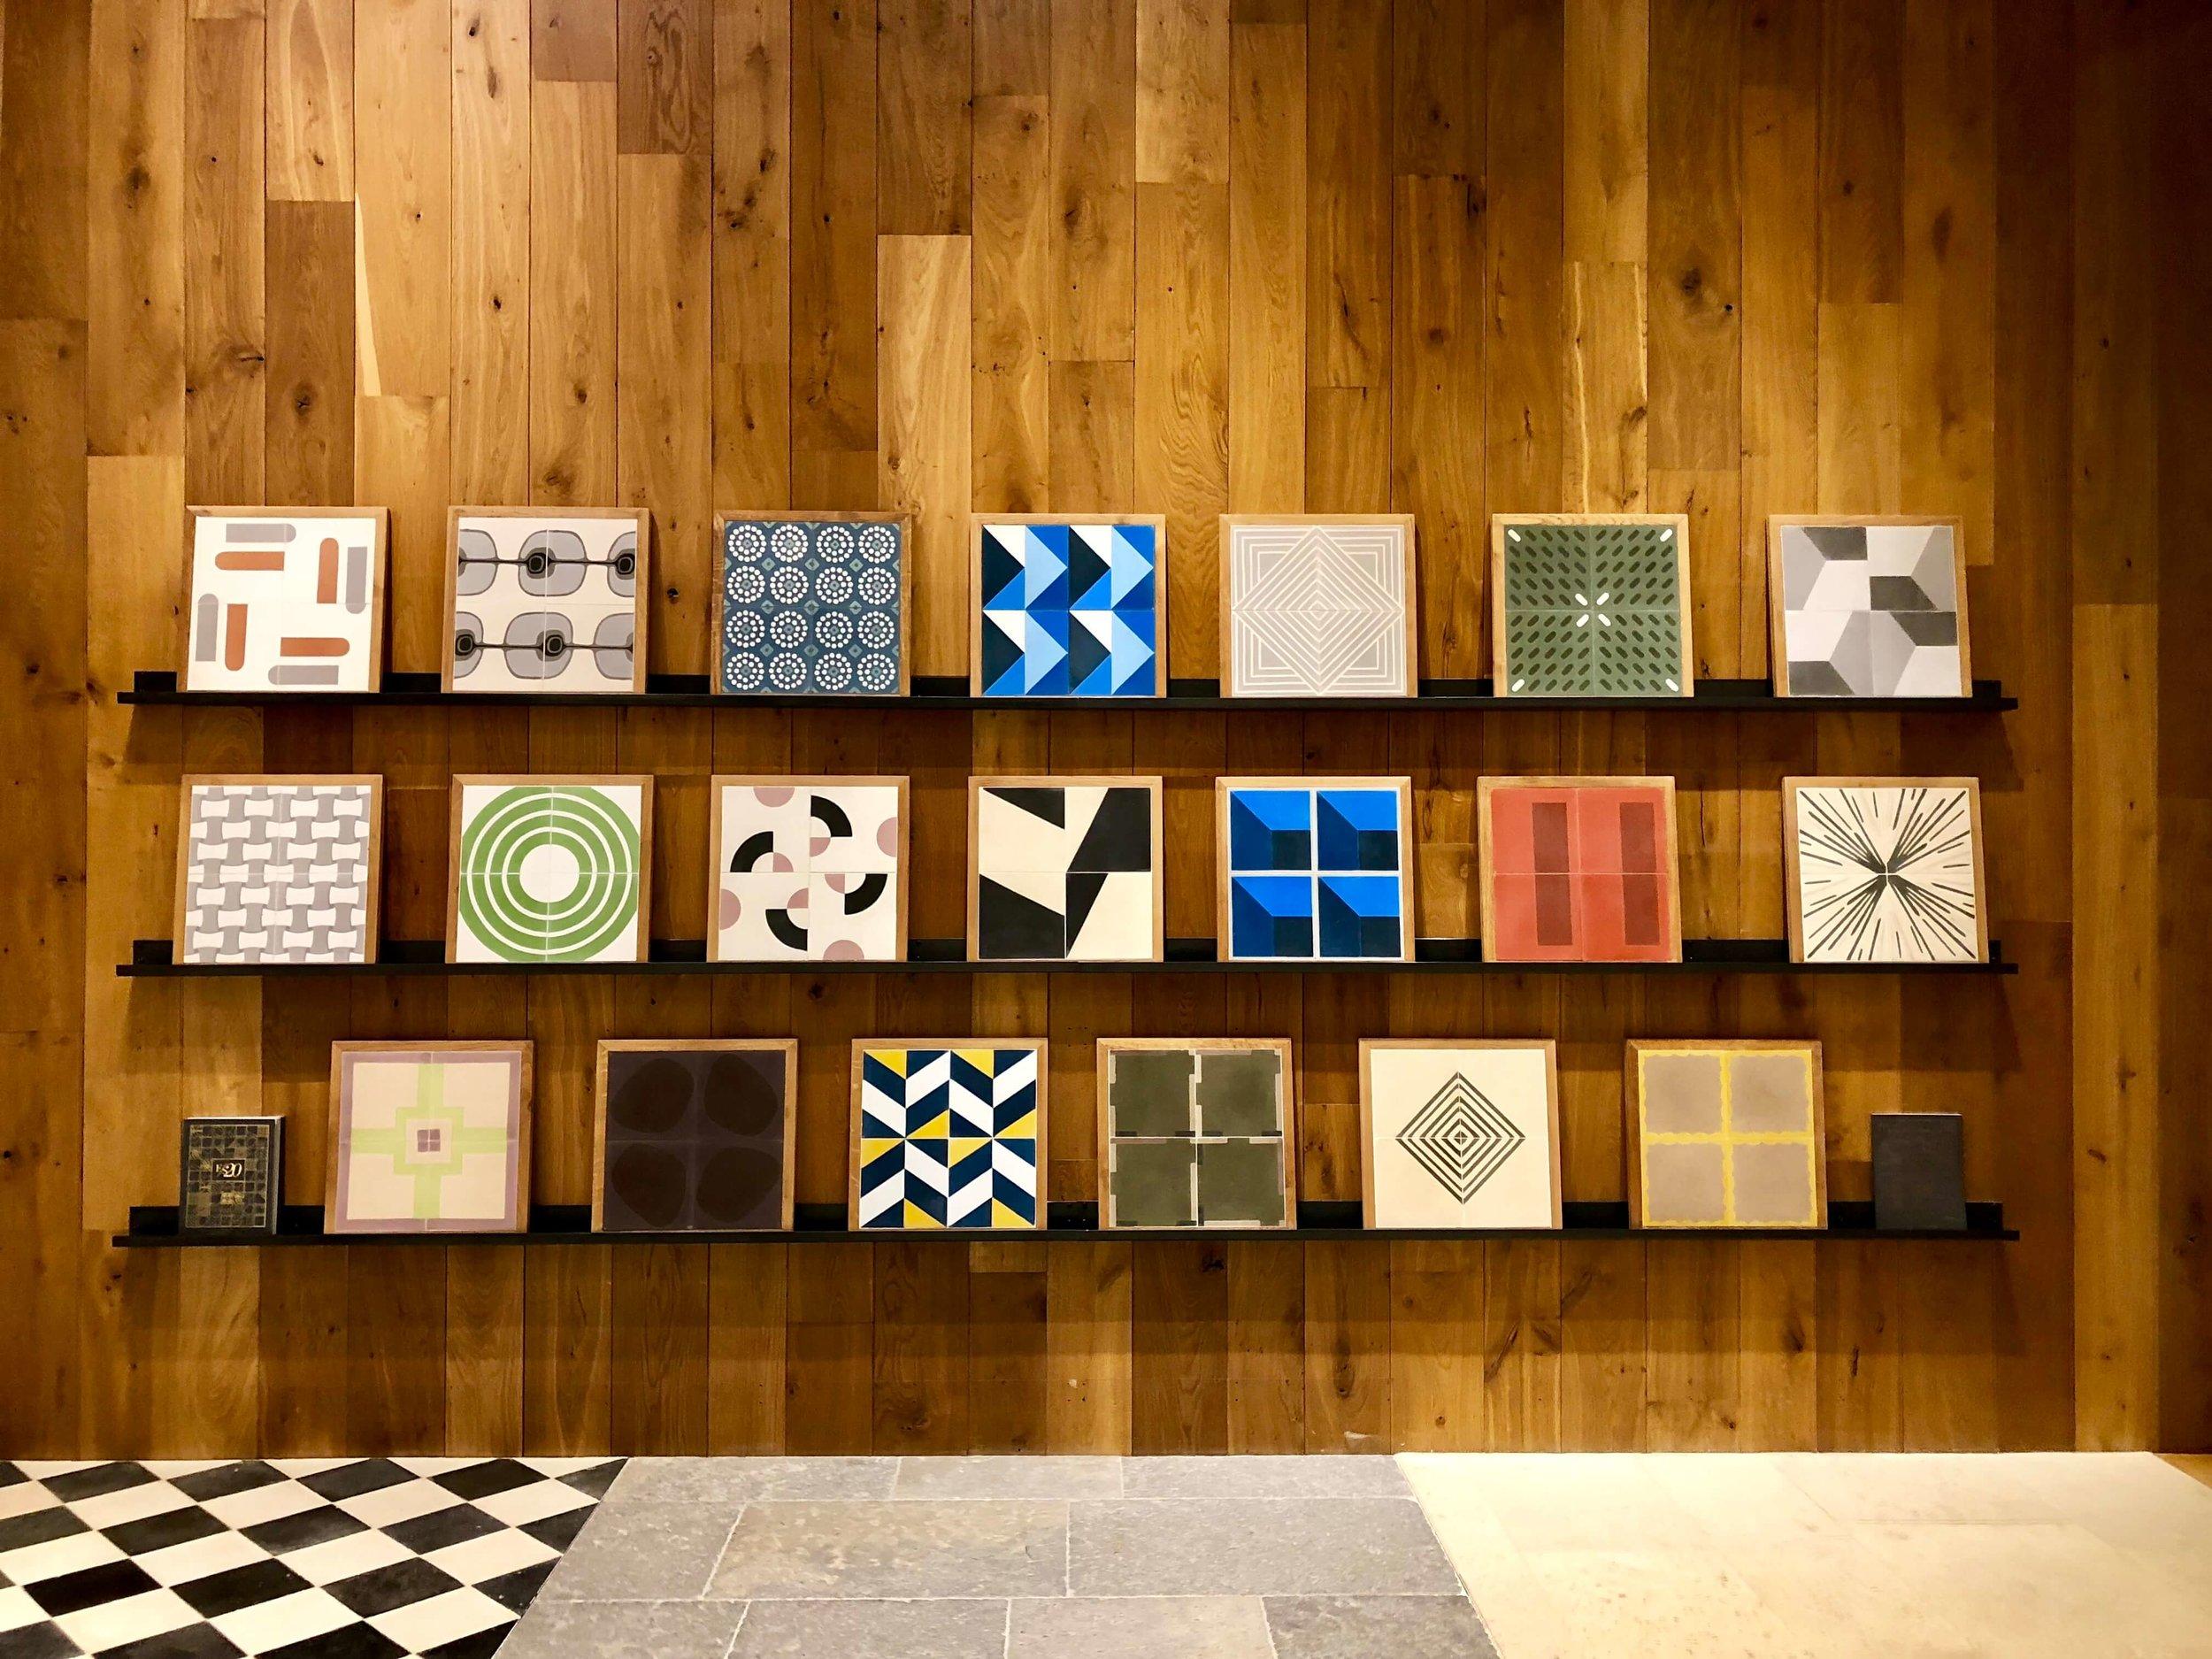 Concrete tile line at Exquisite Surfaces - Merchandise Mart, Chicago #concretetile #tilepattern